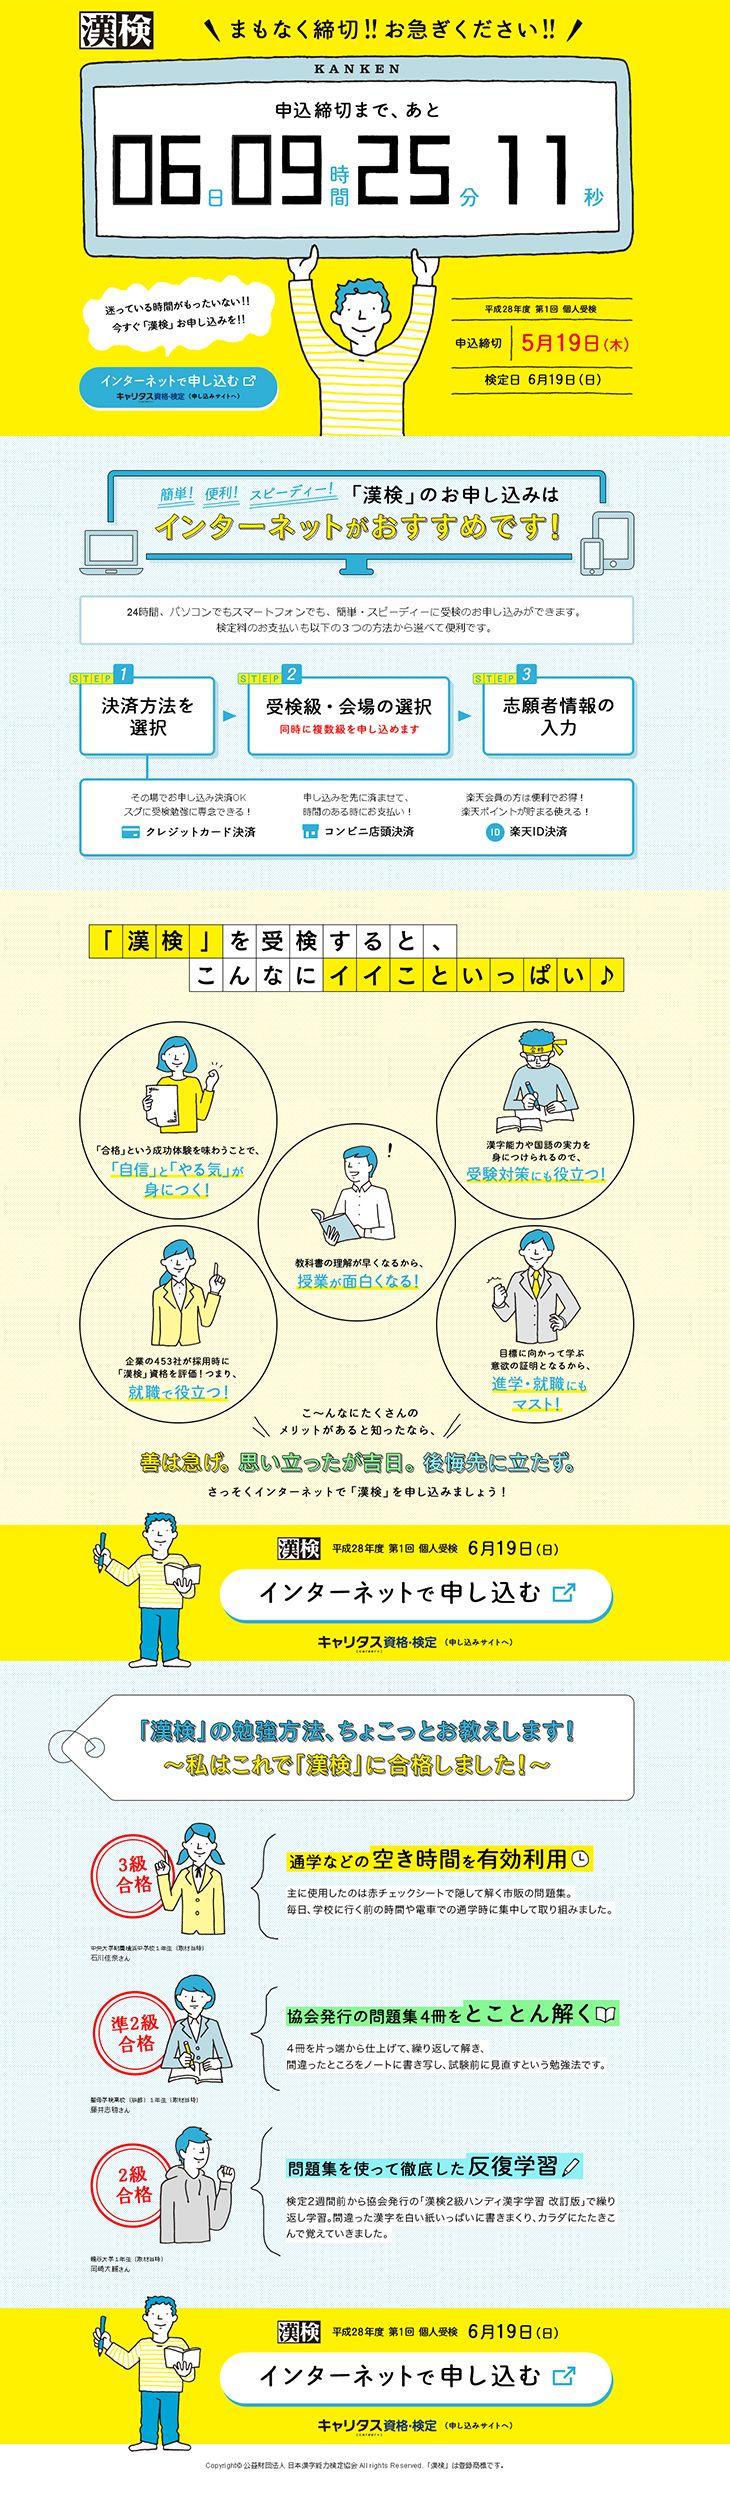 漢字検定【サービス関連】のLPデザイン。WEBデザイナーさん必見!ランディングページのデザイン参考に(かわいい系)